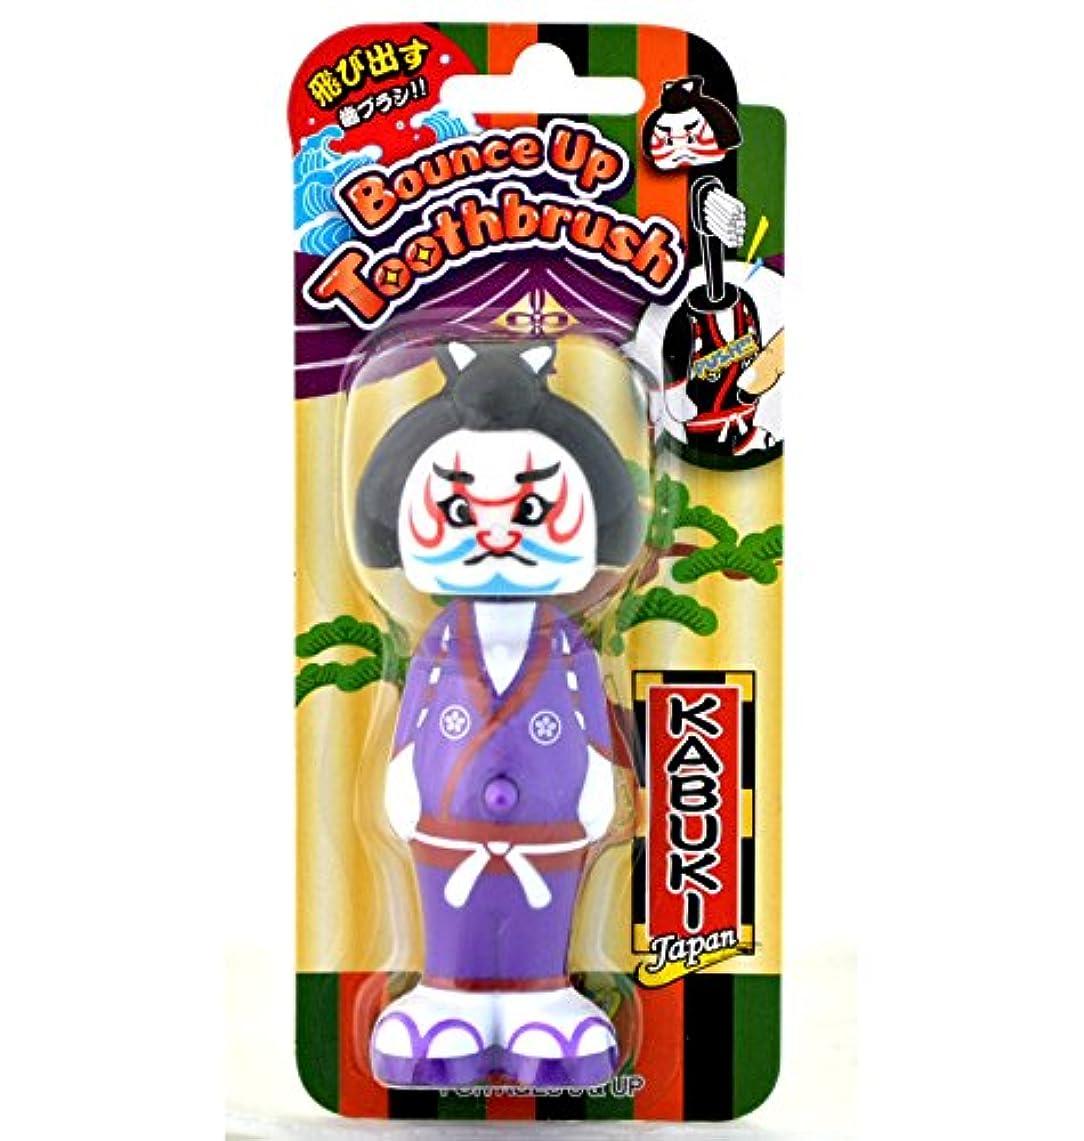 粘着性機密ペッカディロバウンスアップ歯ブラシ 歌舞伎 パープル